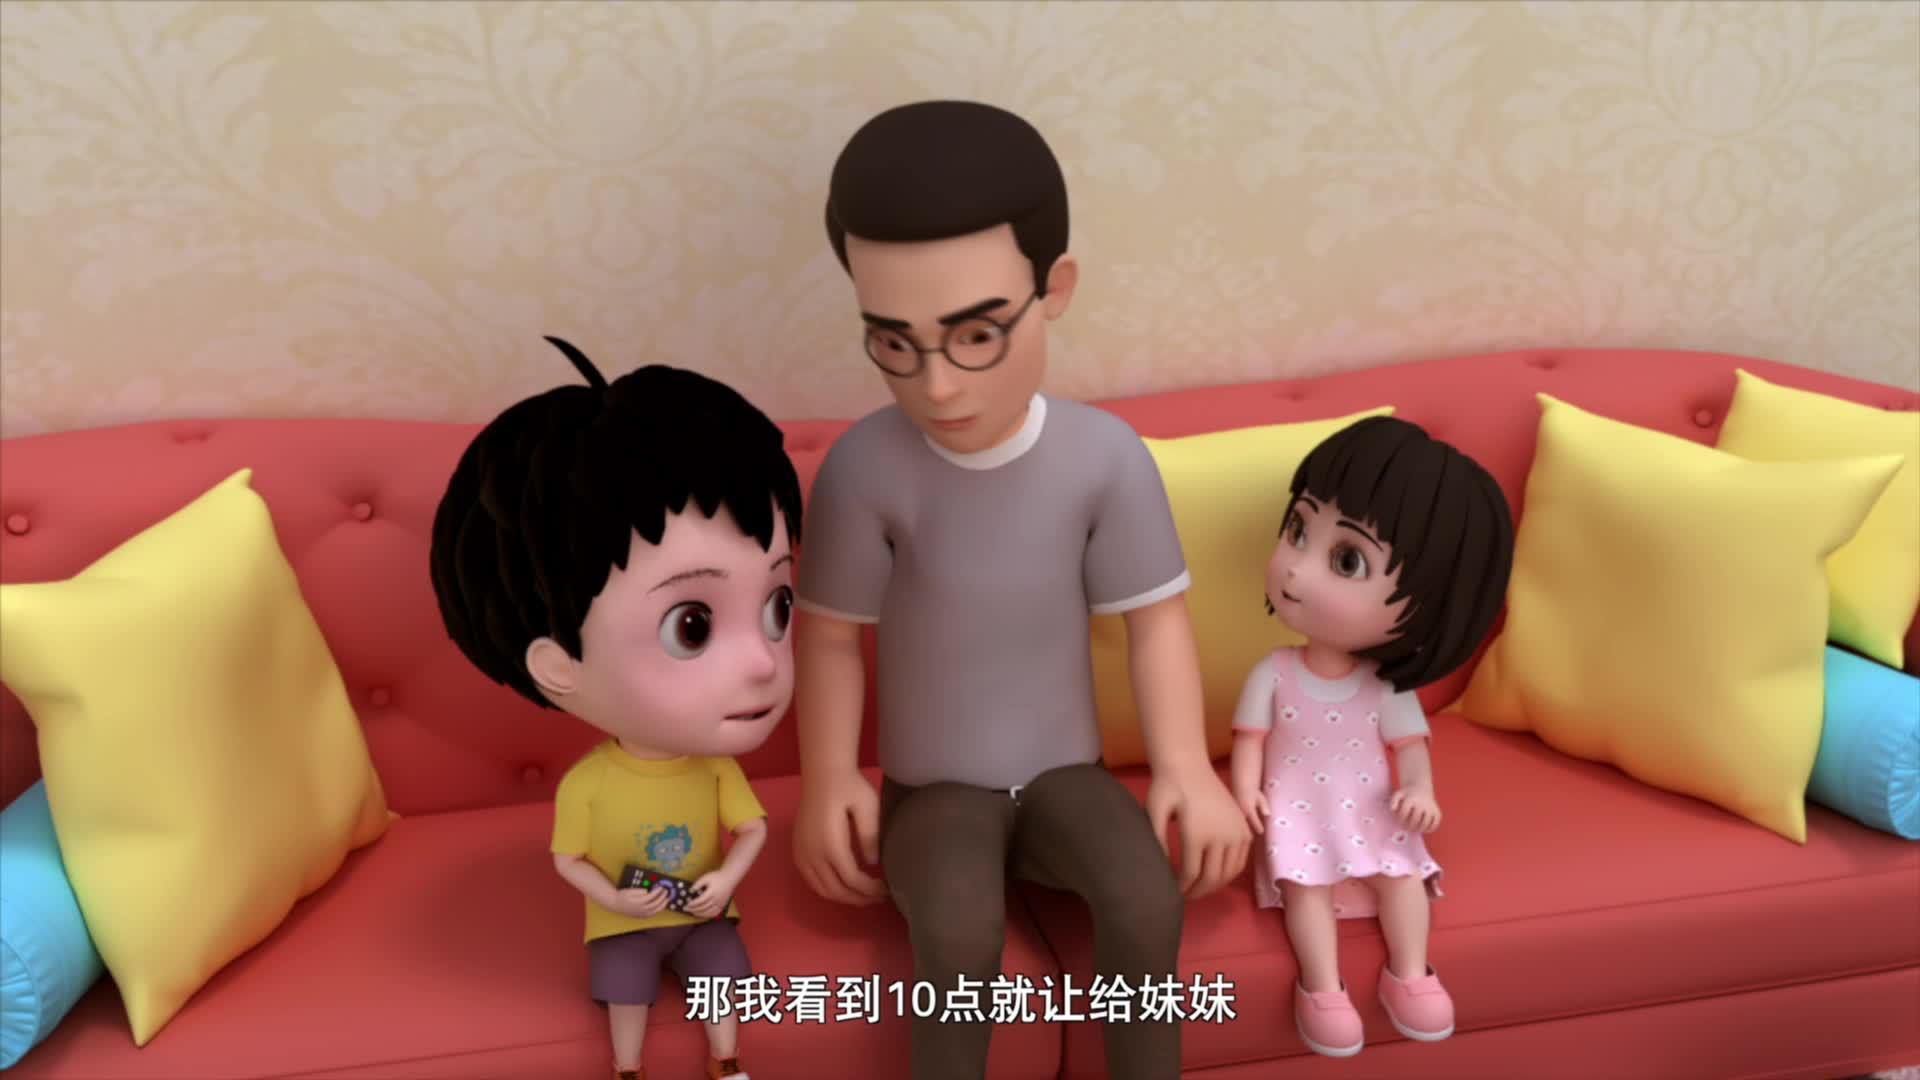 家风家教系列故事——《幸福一家人》第三集 诚实做人